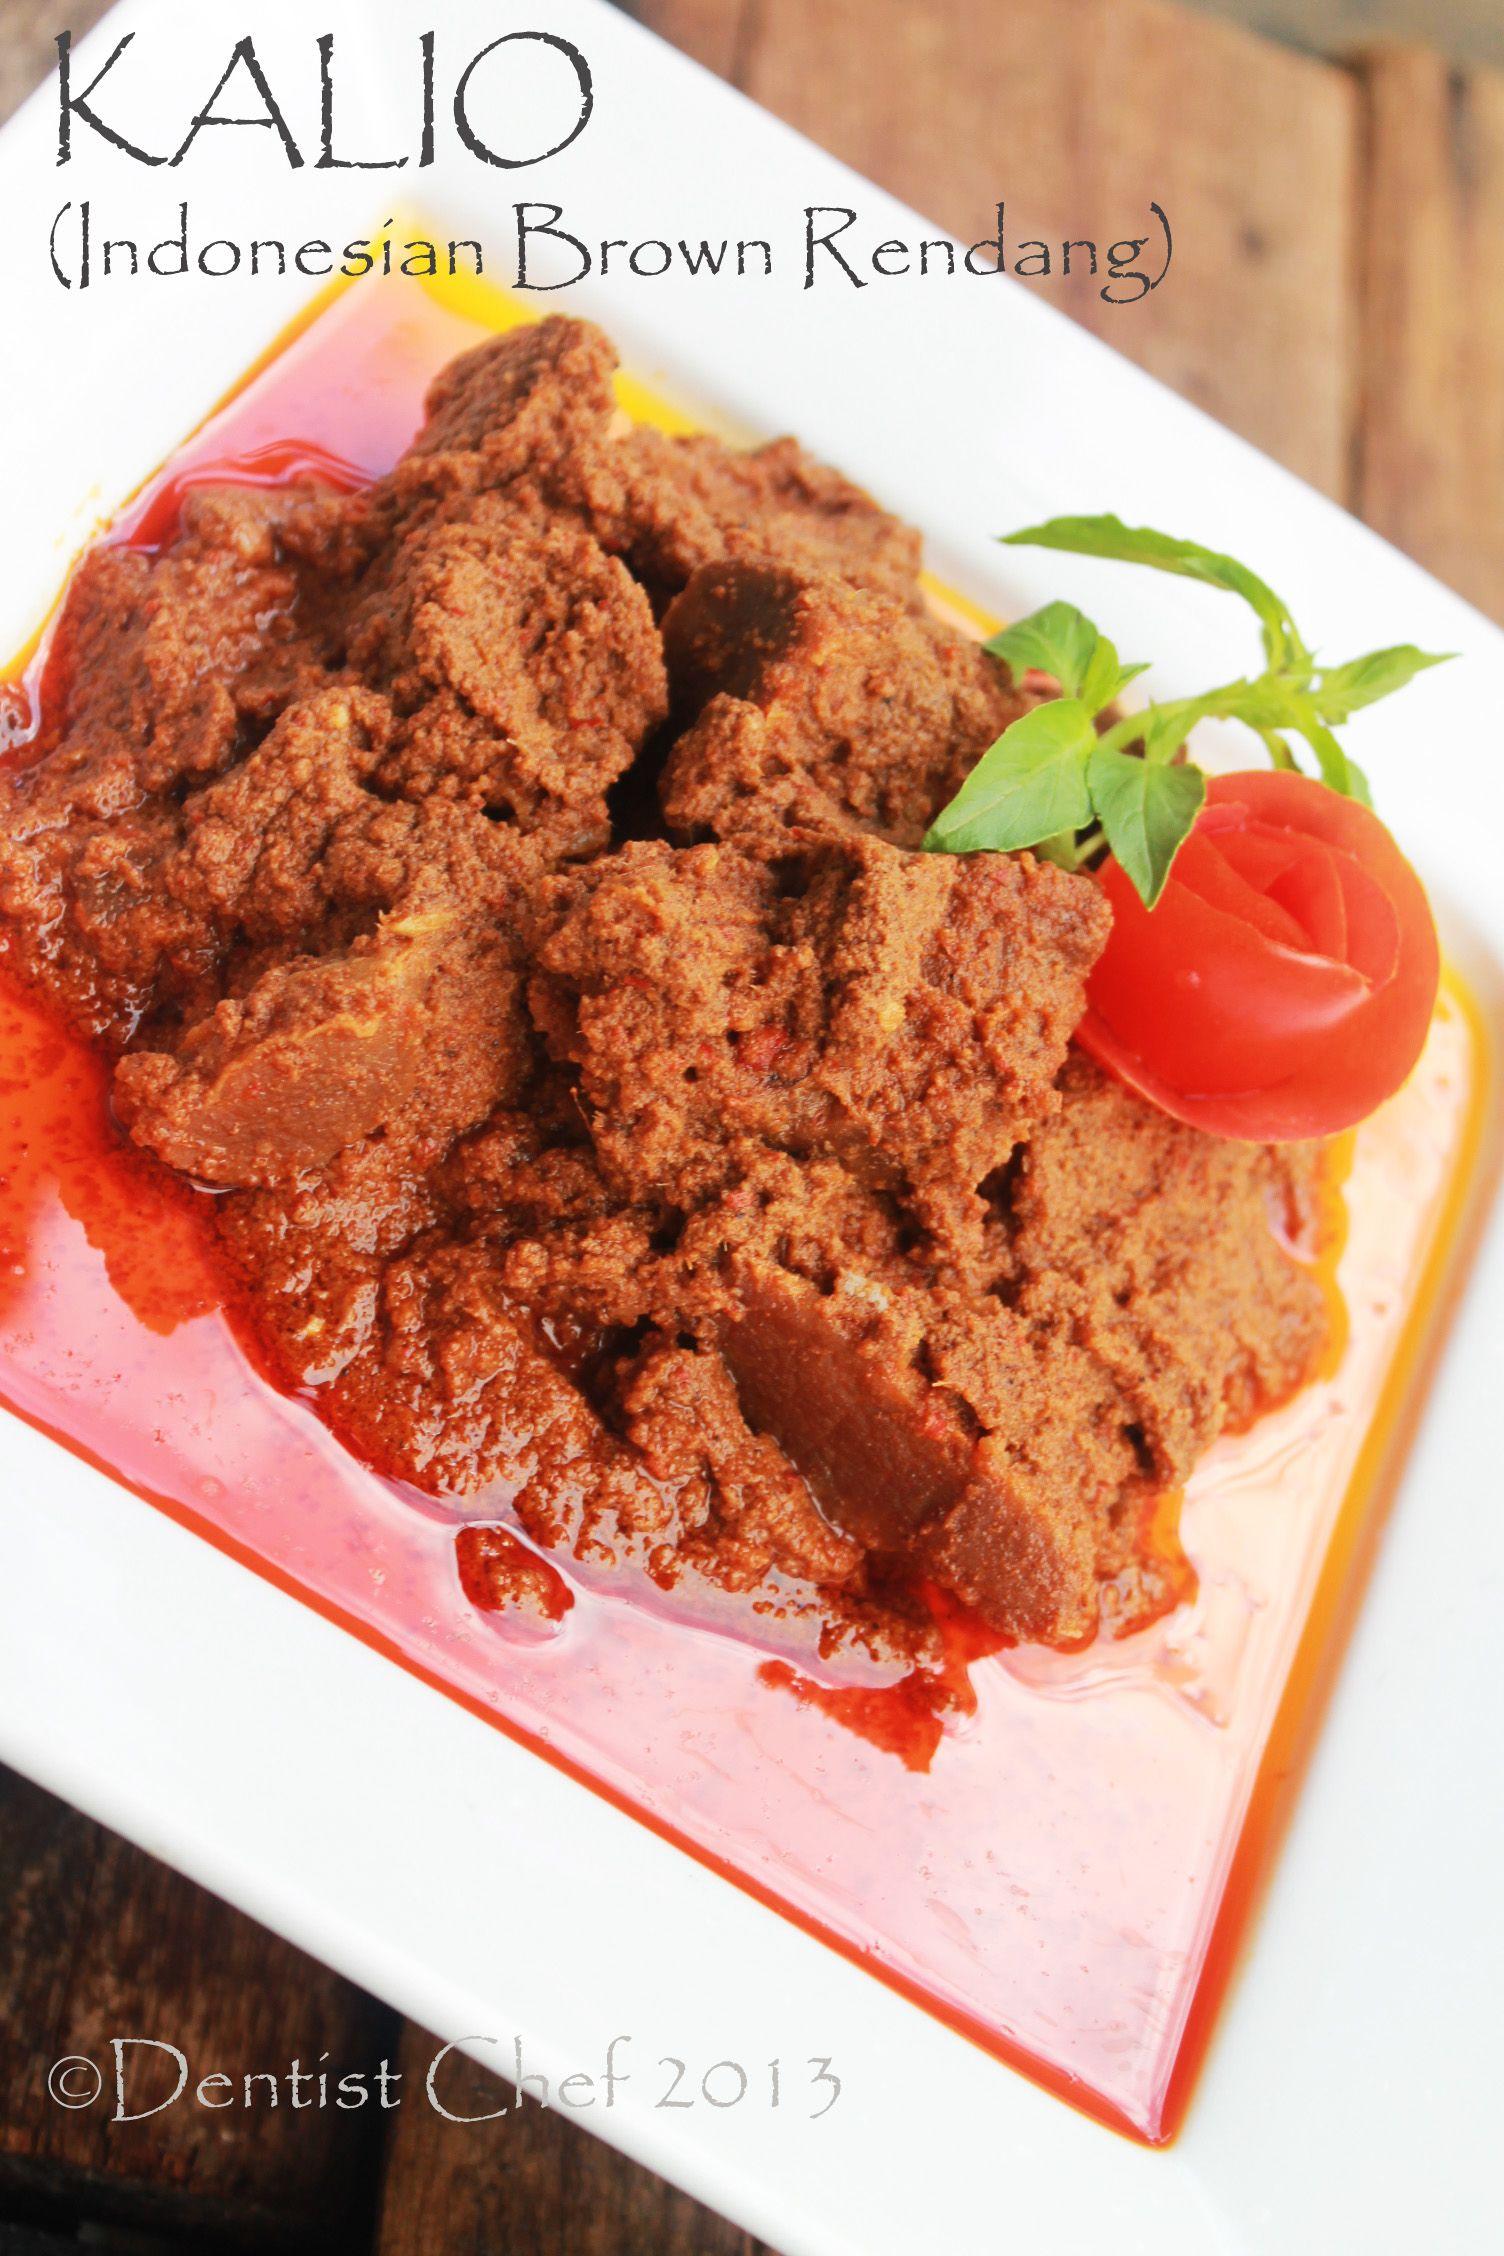 Resep Kalio Indonesian Brown Rendang Or Stewed Beef In Spicy